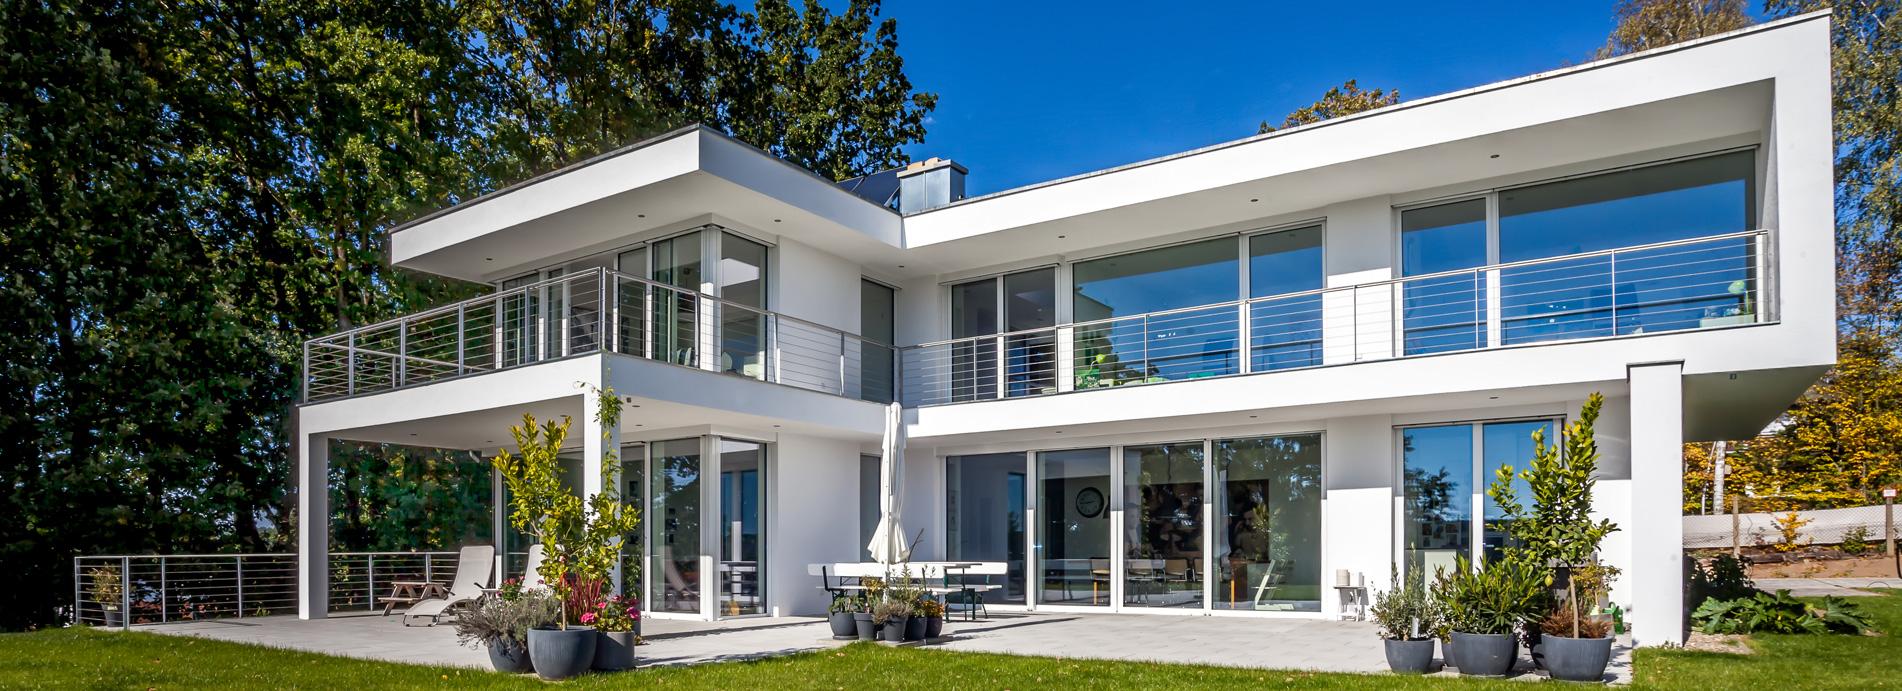 hochwertige auf menschen ausgerichtete architektur